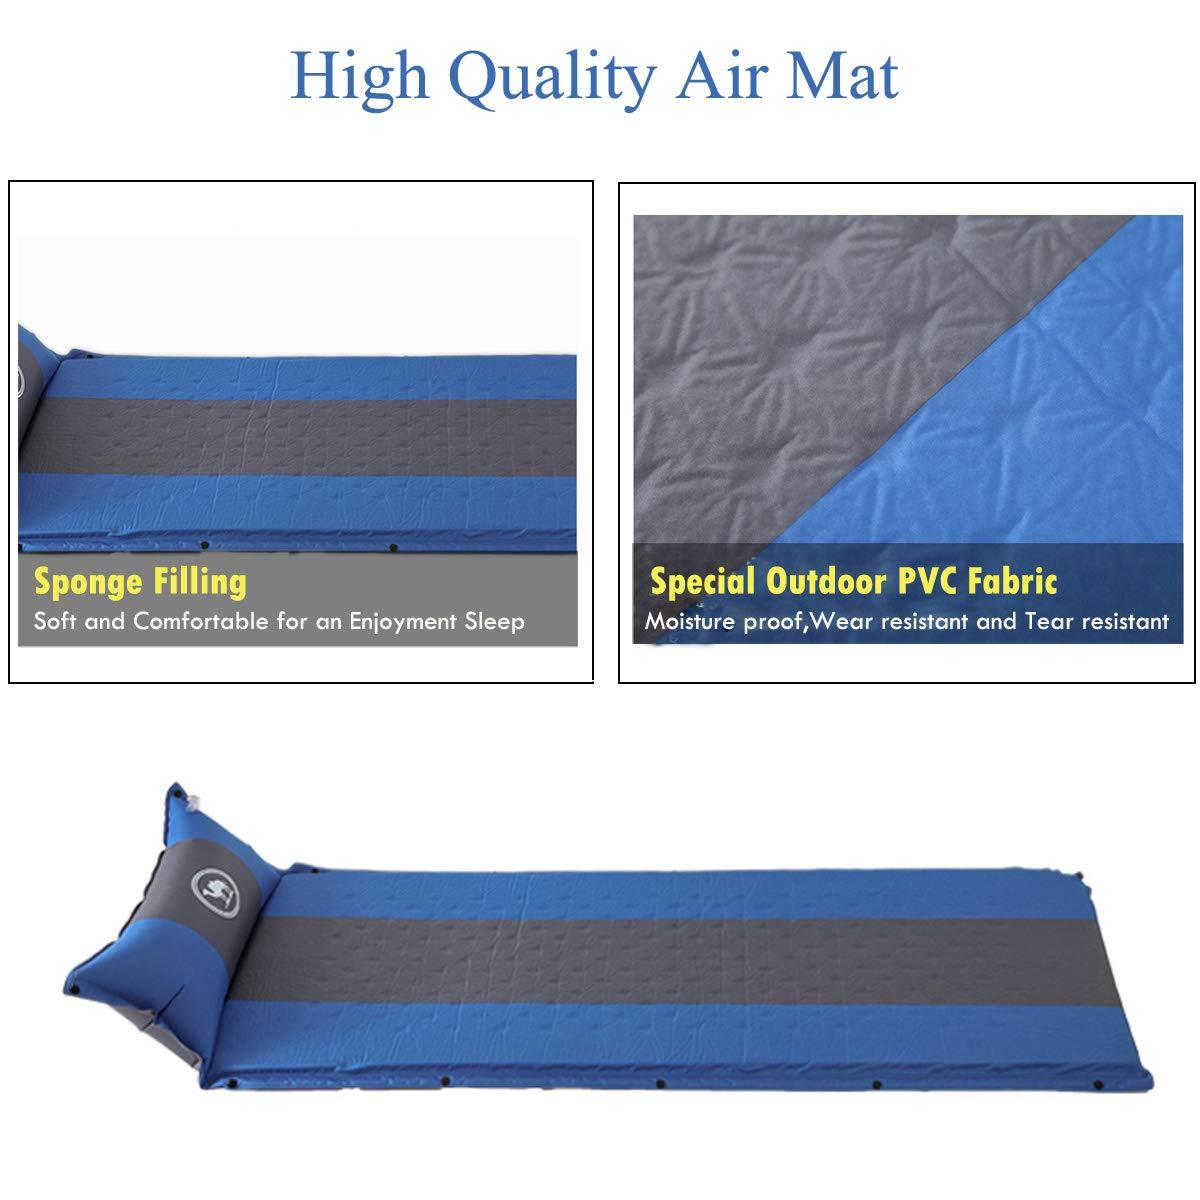 mochila compacto y a prueba de humedad para senderismo hamaca tienda de campa/ña Camel CROWN Saco de dormir autohinchable con almohada almohadillas para exteriores colch/ón hinchable para acampada